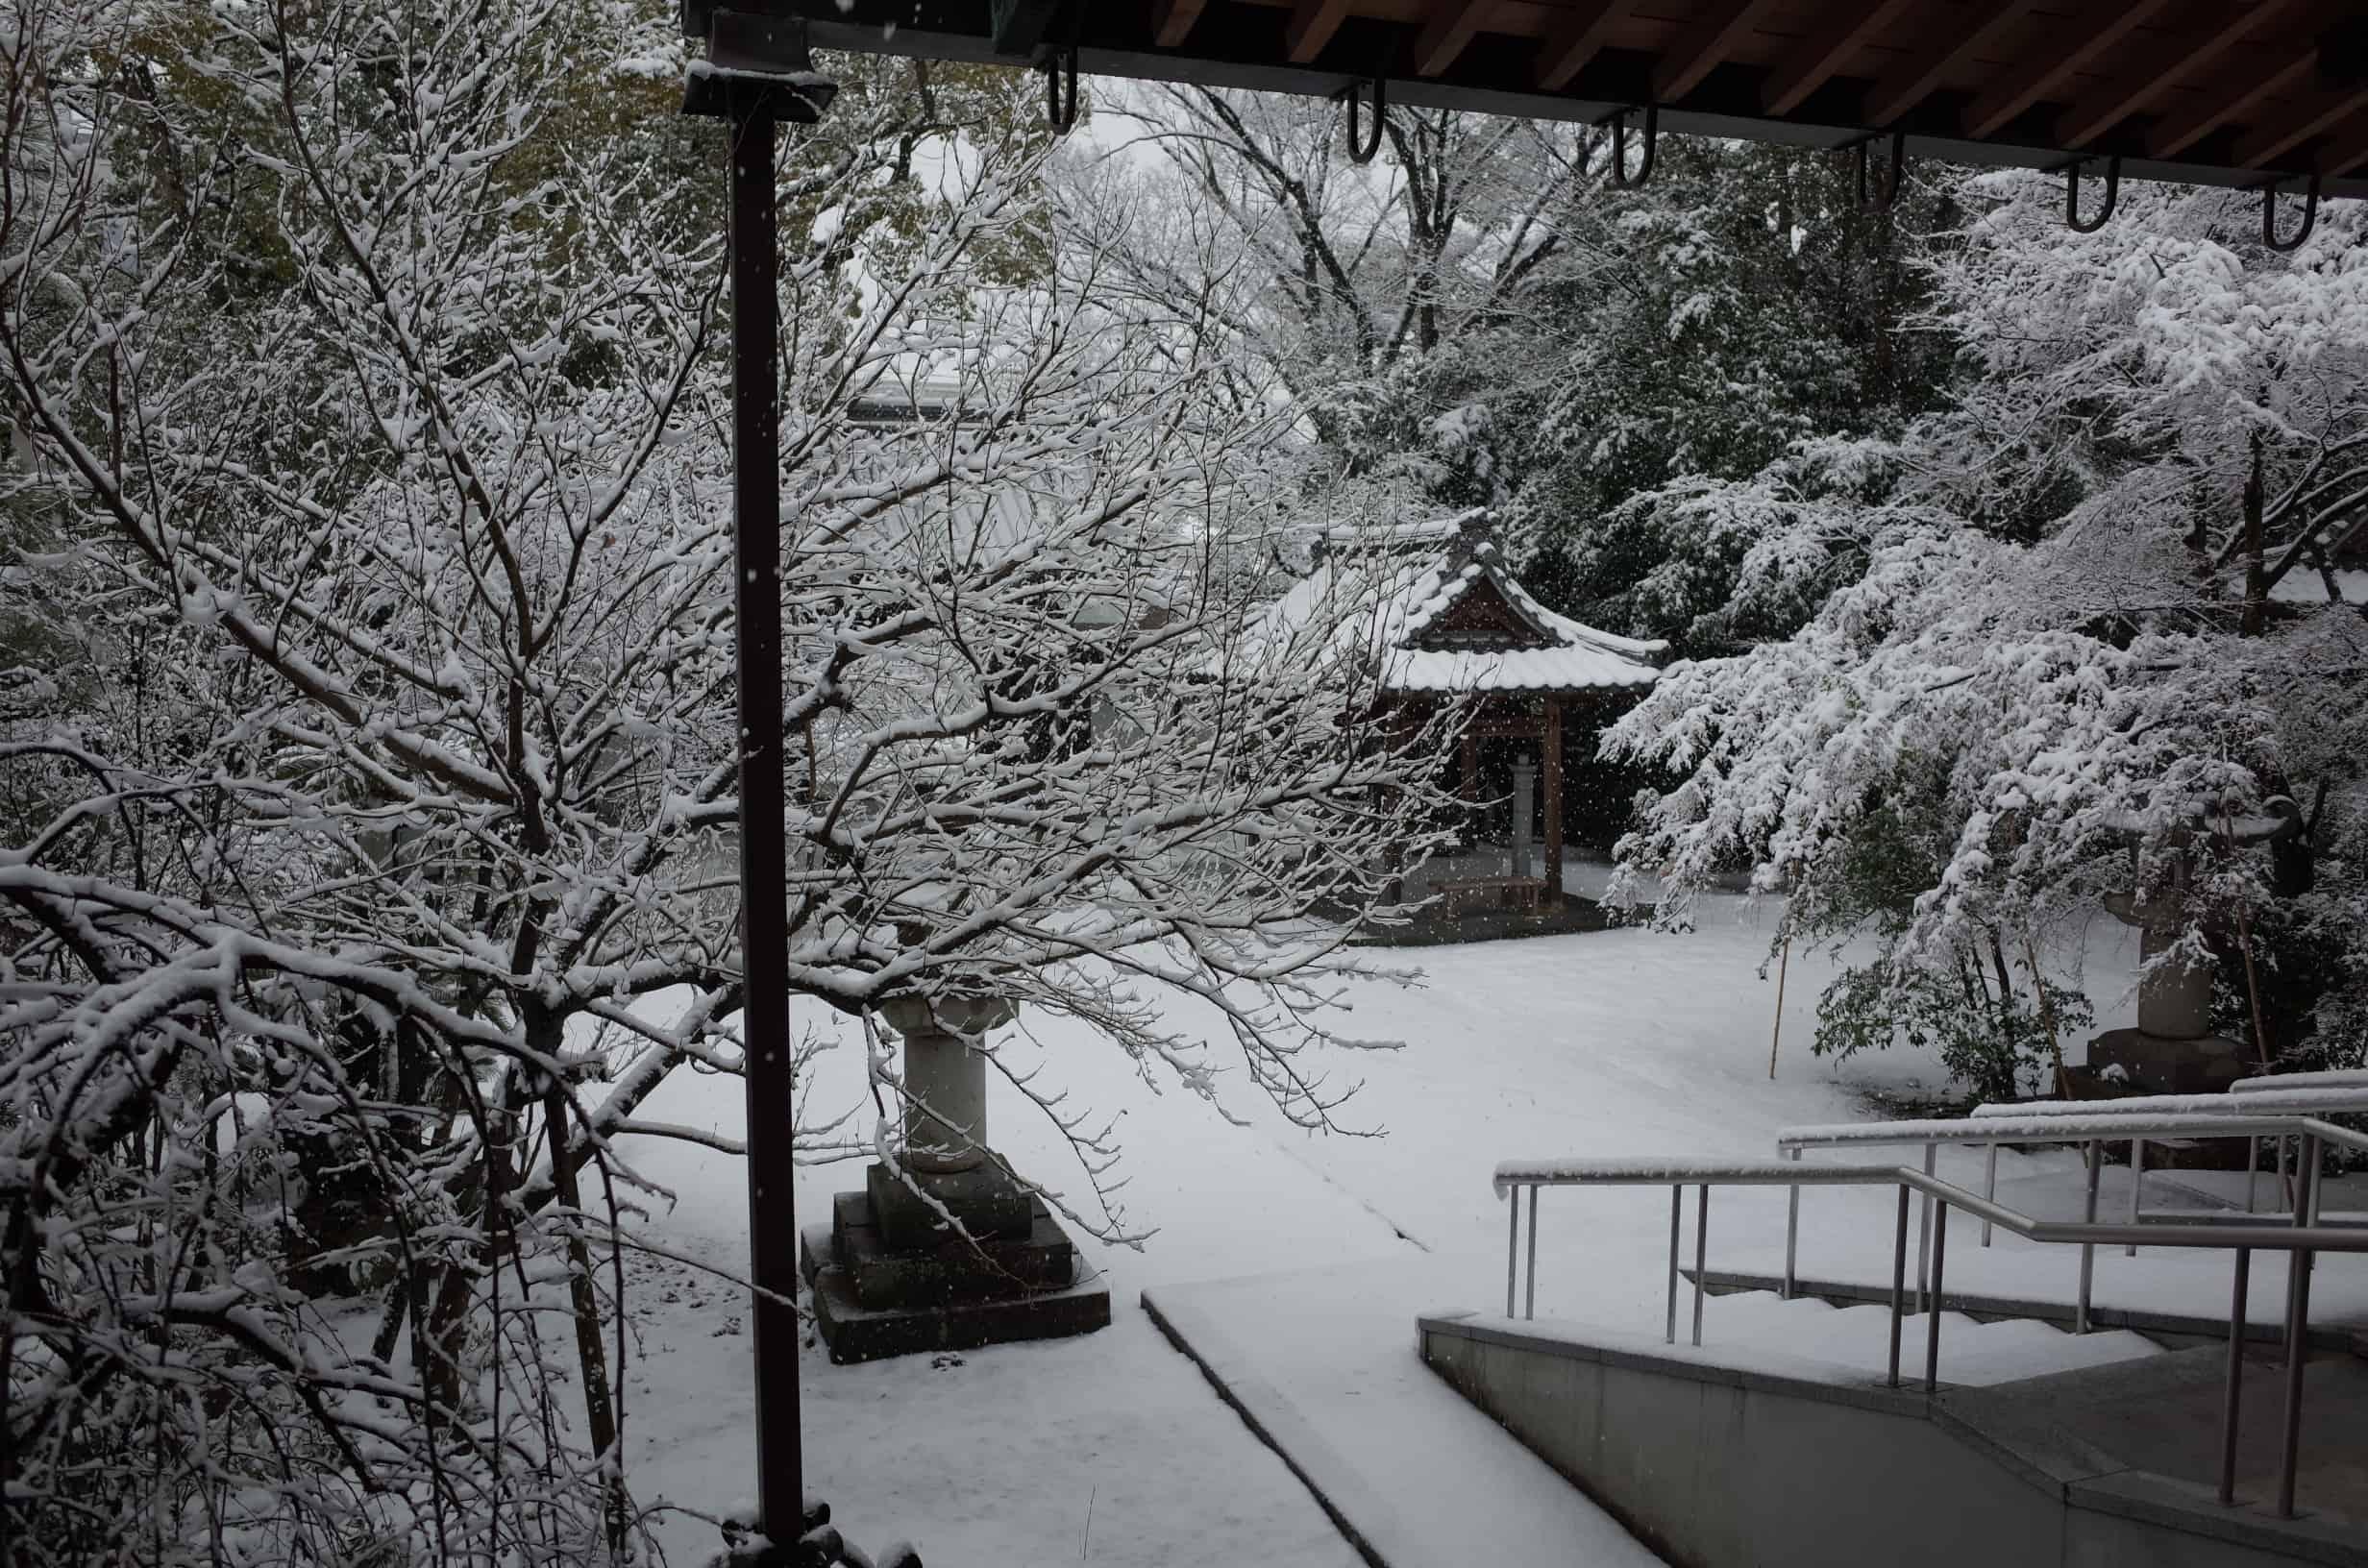 ในฤดูหนาว มีหิมะที่ปกคลุมวัดเมียวกัง (Myogwanji)